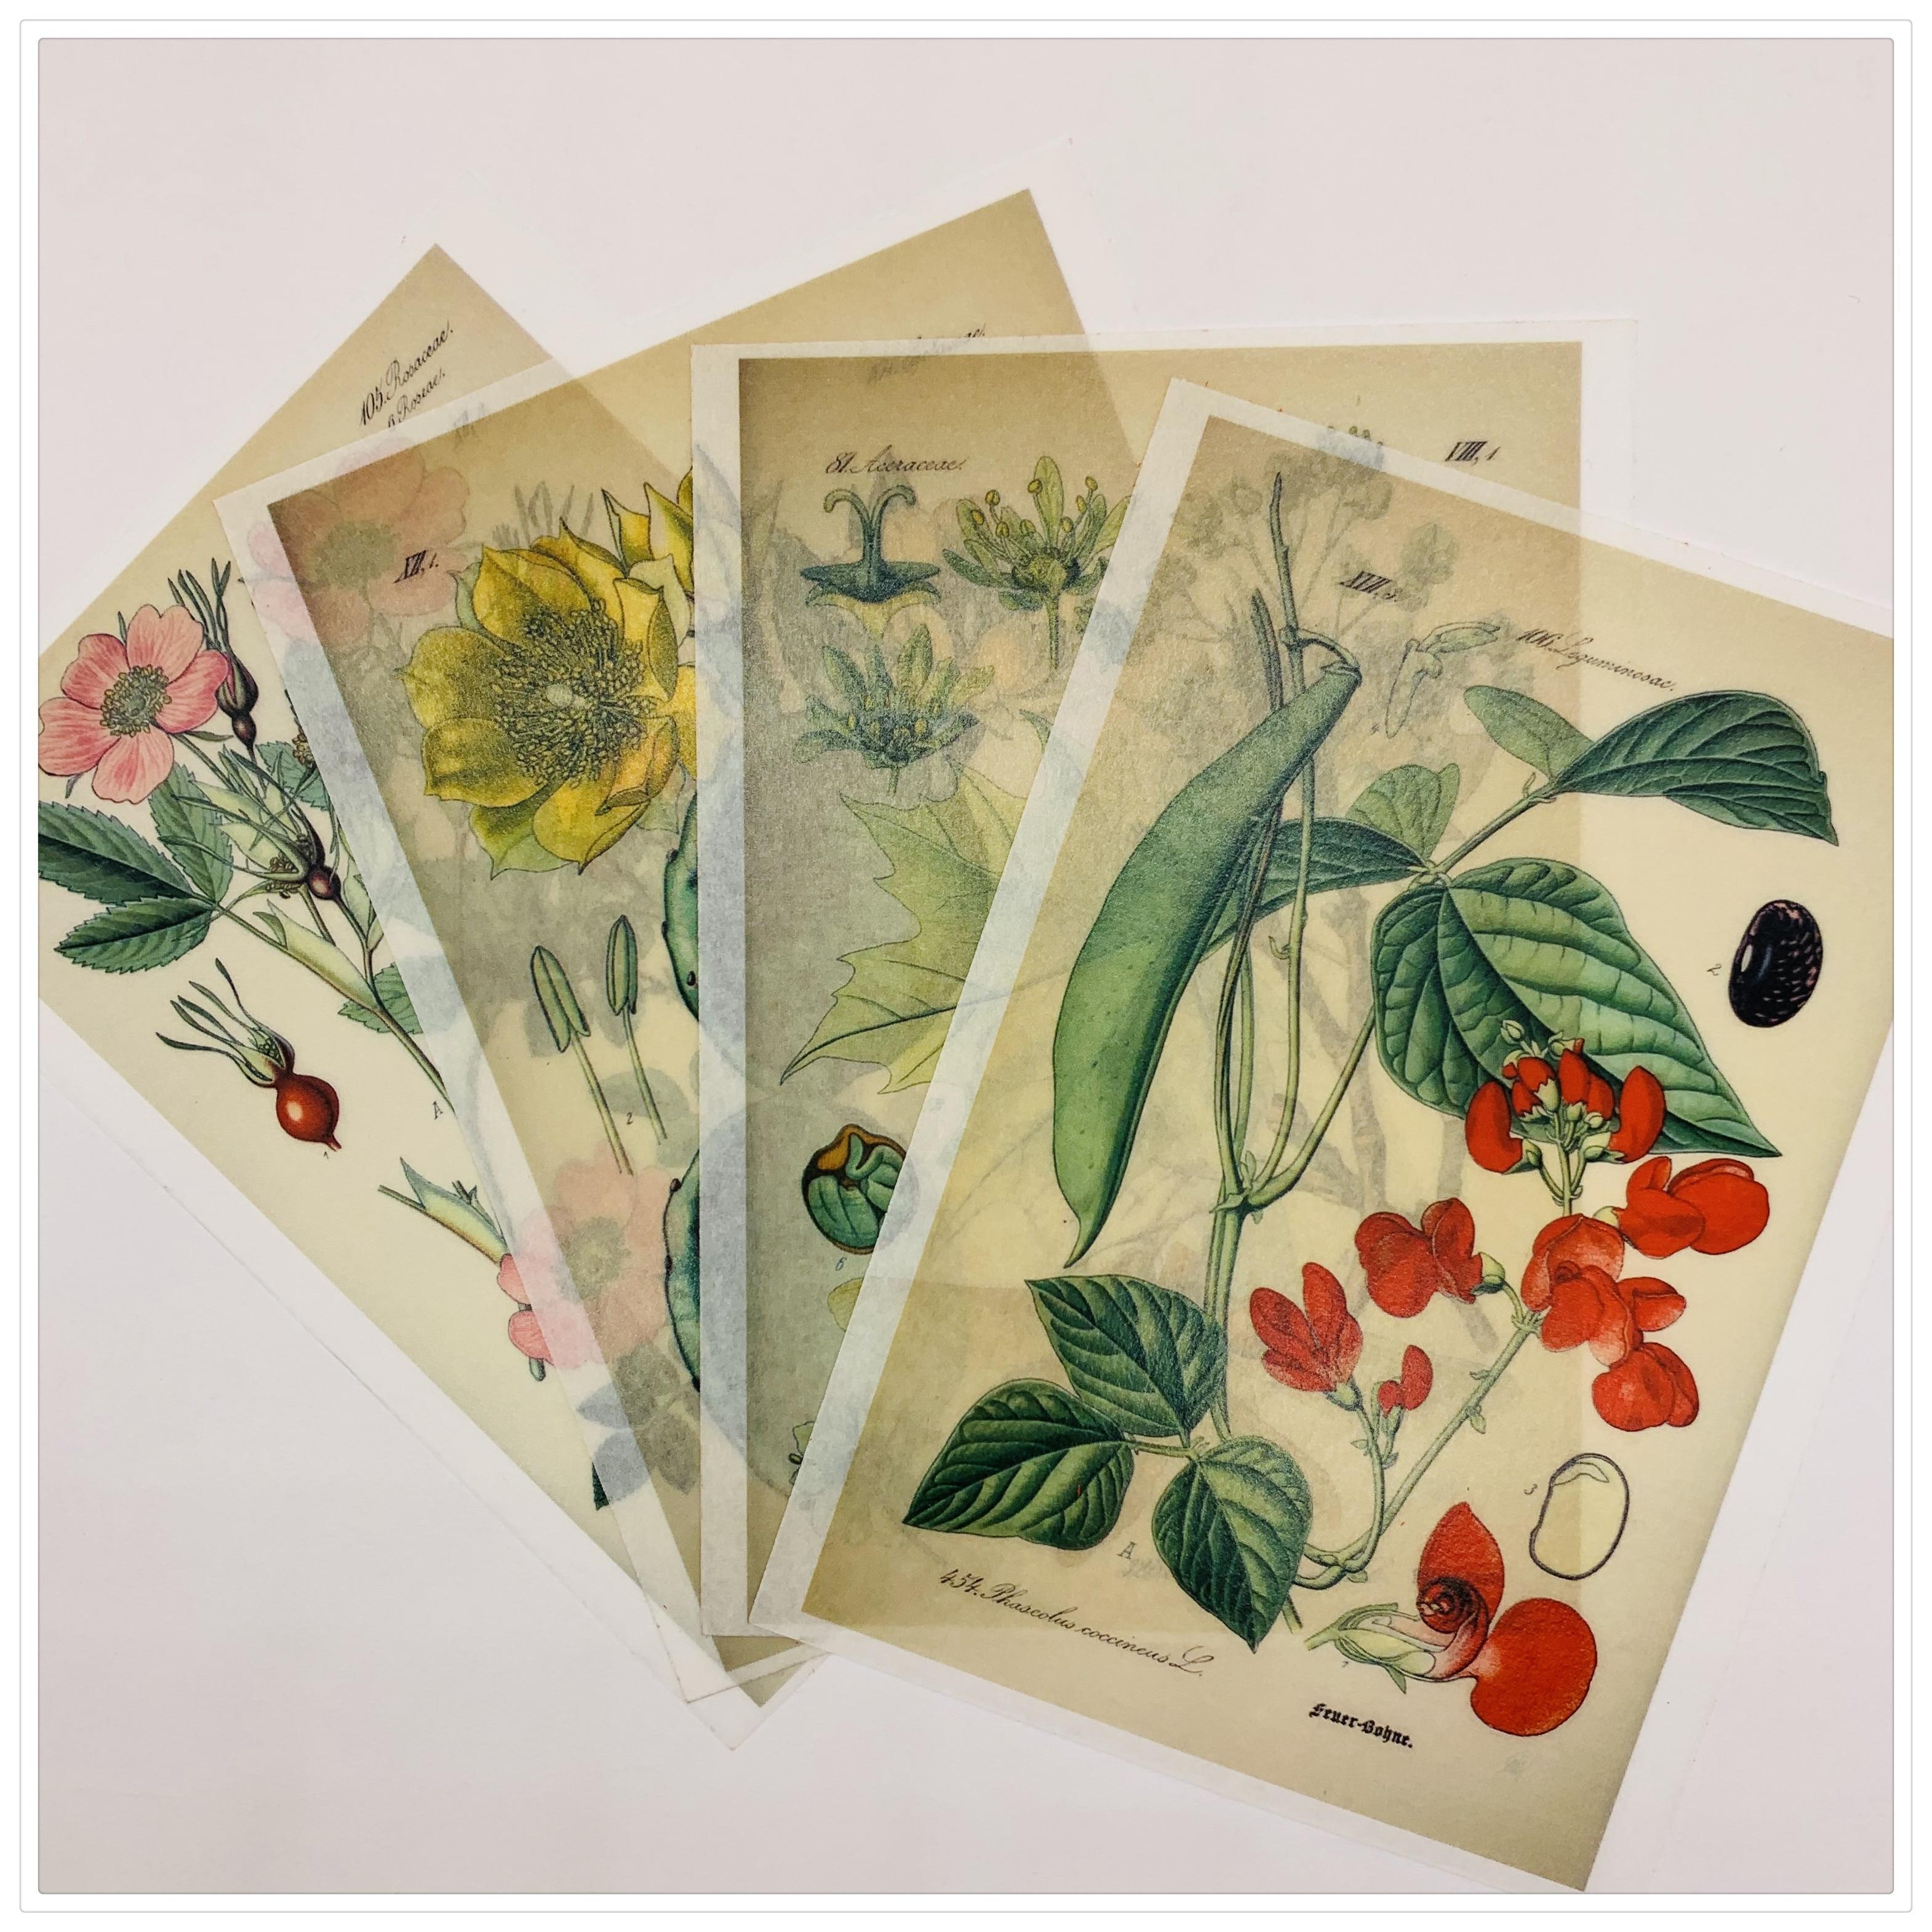 12PCS Vintage Botanik Grundierung Aufkleber DIY Scrapbooking Album junk journal A6 Tagebuch Glücklich Planer Dekoration Aufkleber